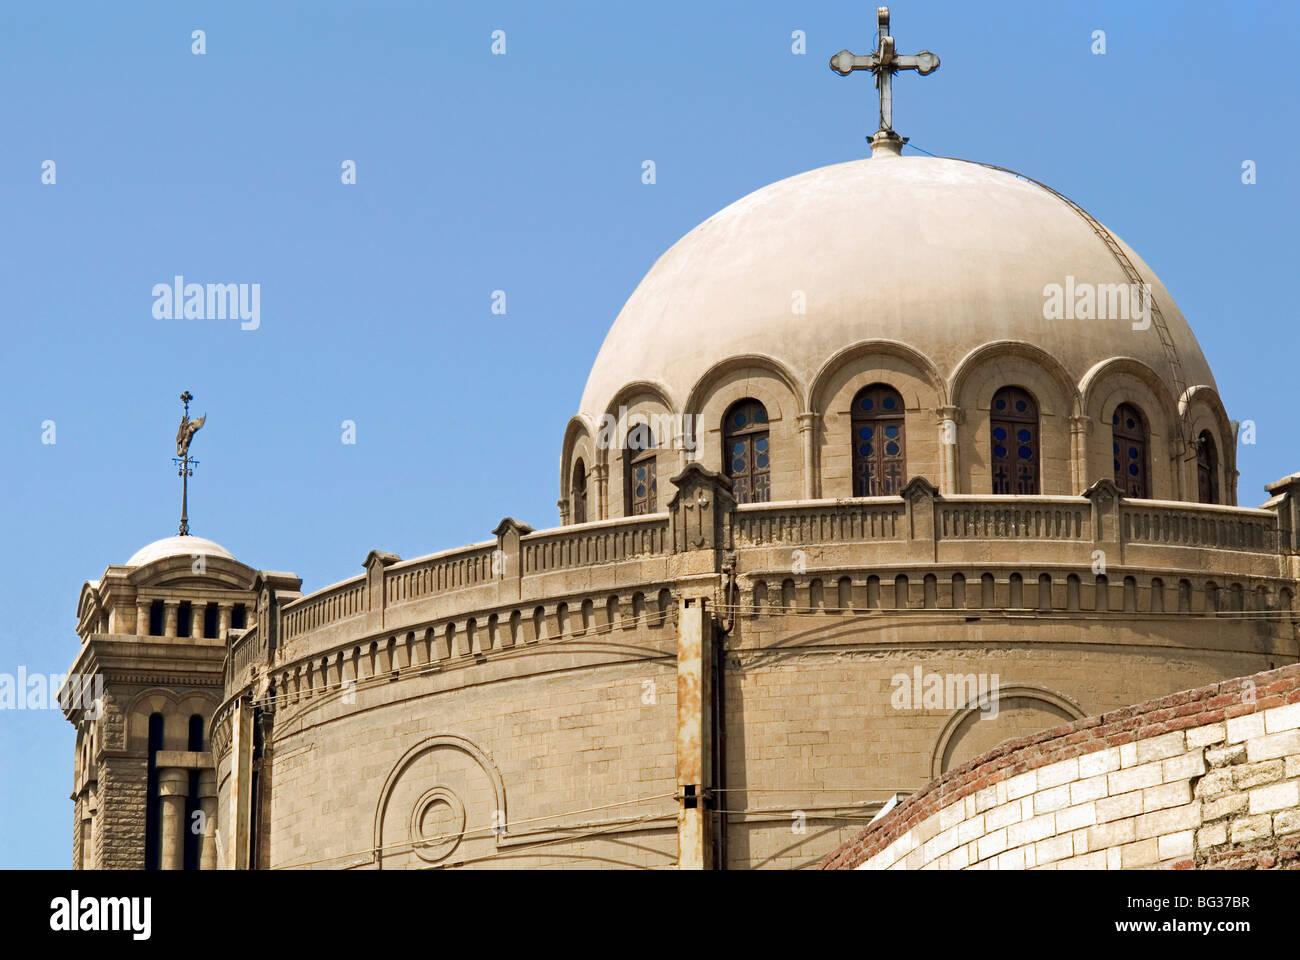 L'extérieur de l'église Saint Mari Gerges, copte du Caire, Le Caire, Egypte, Afrique du Nord, Photo Stock